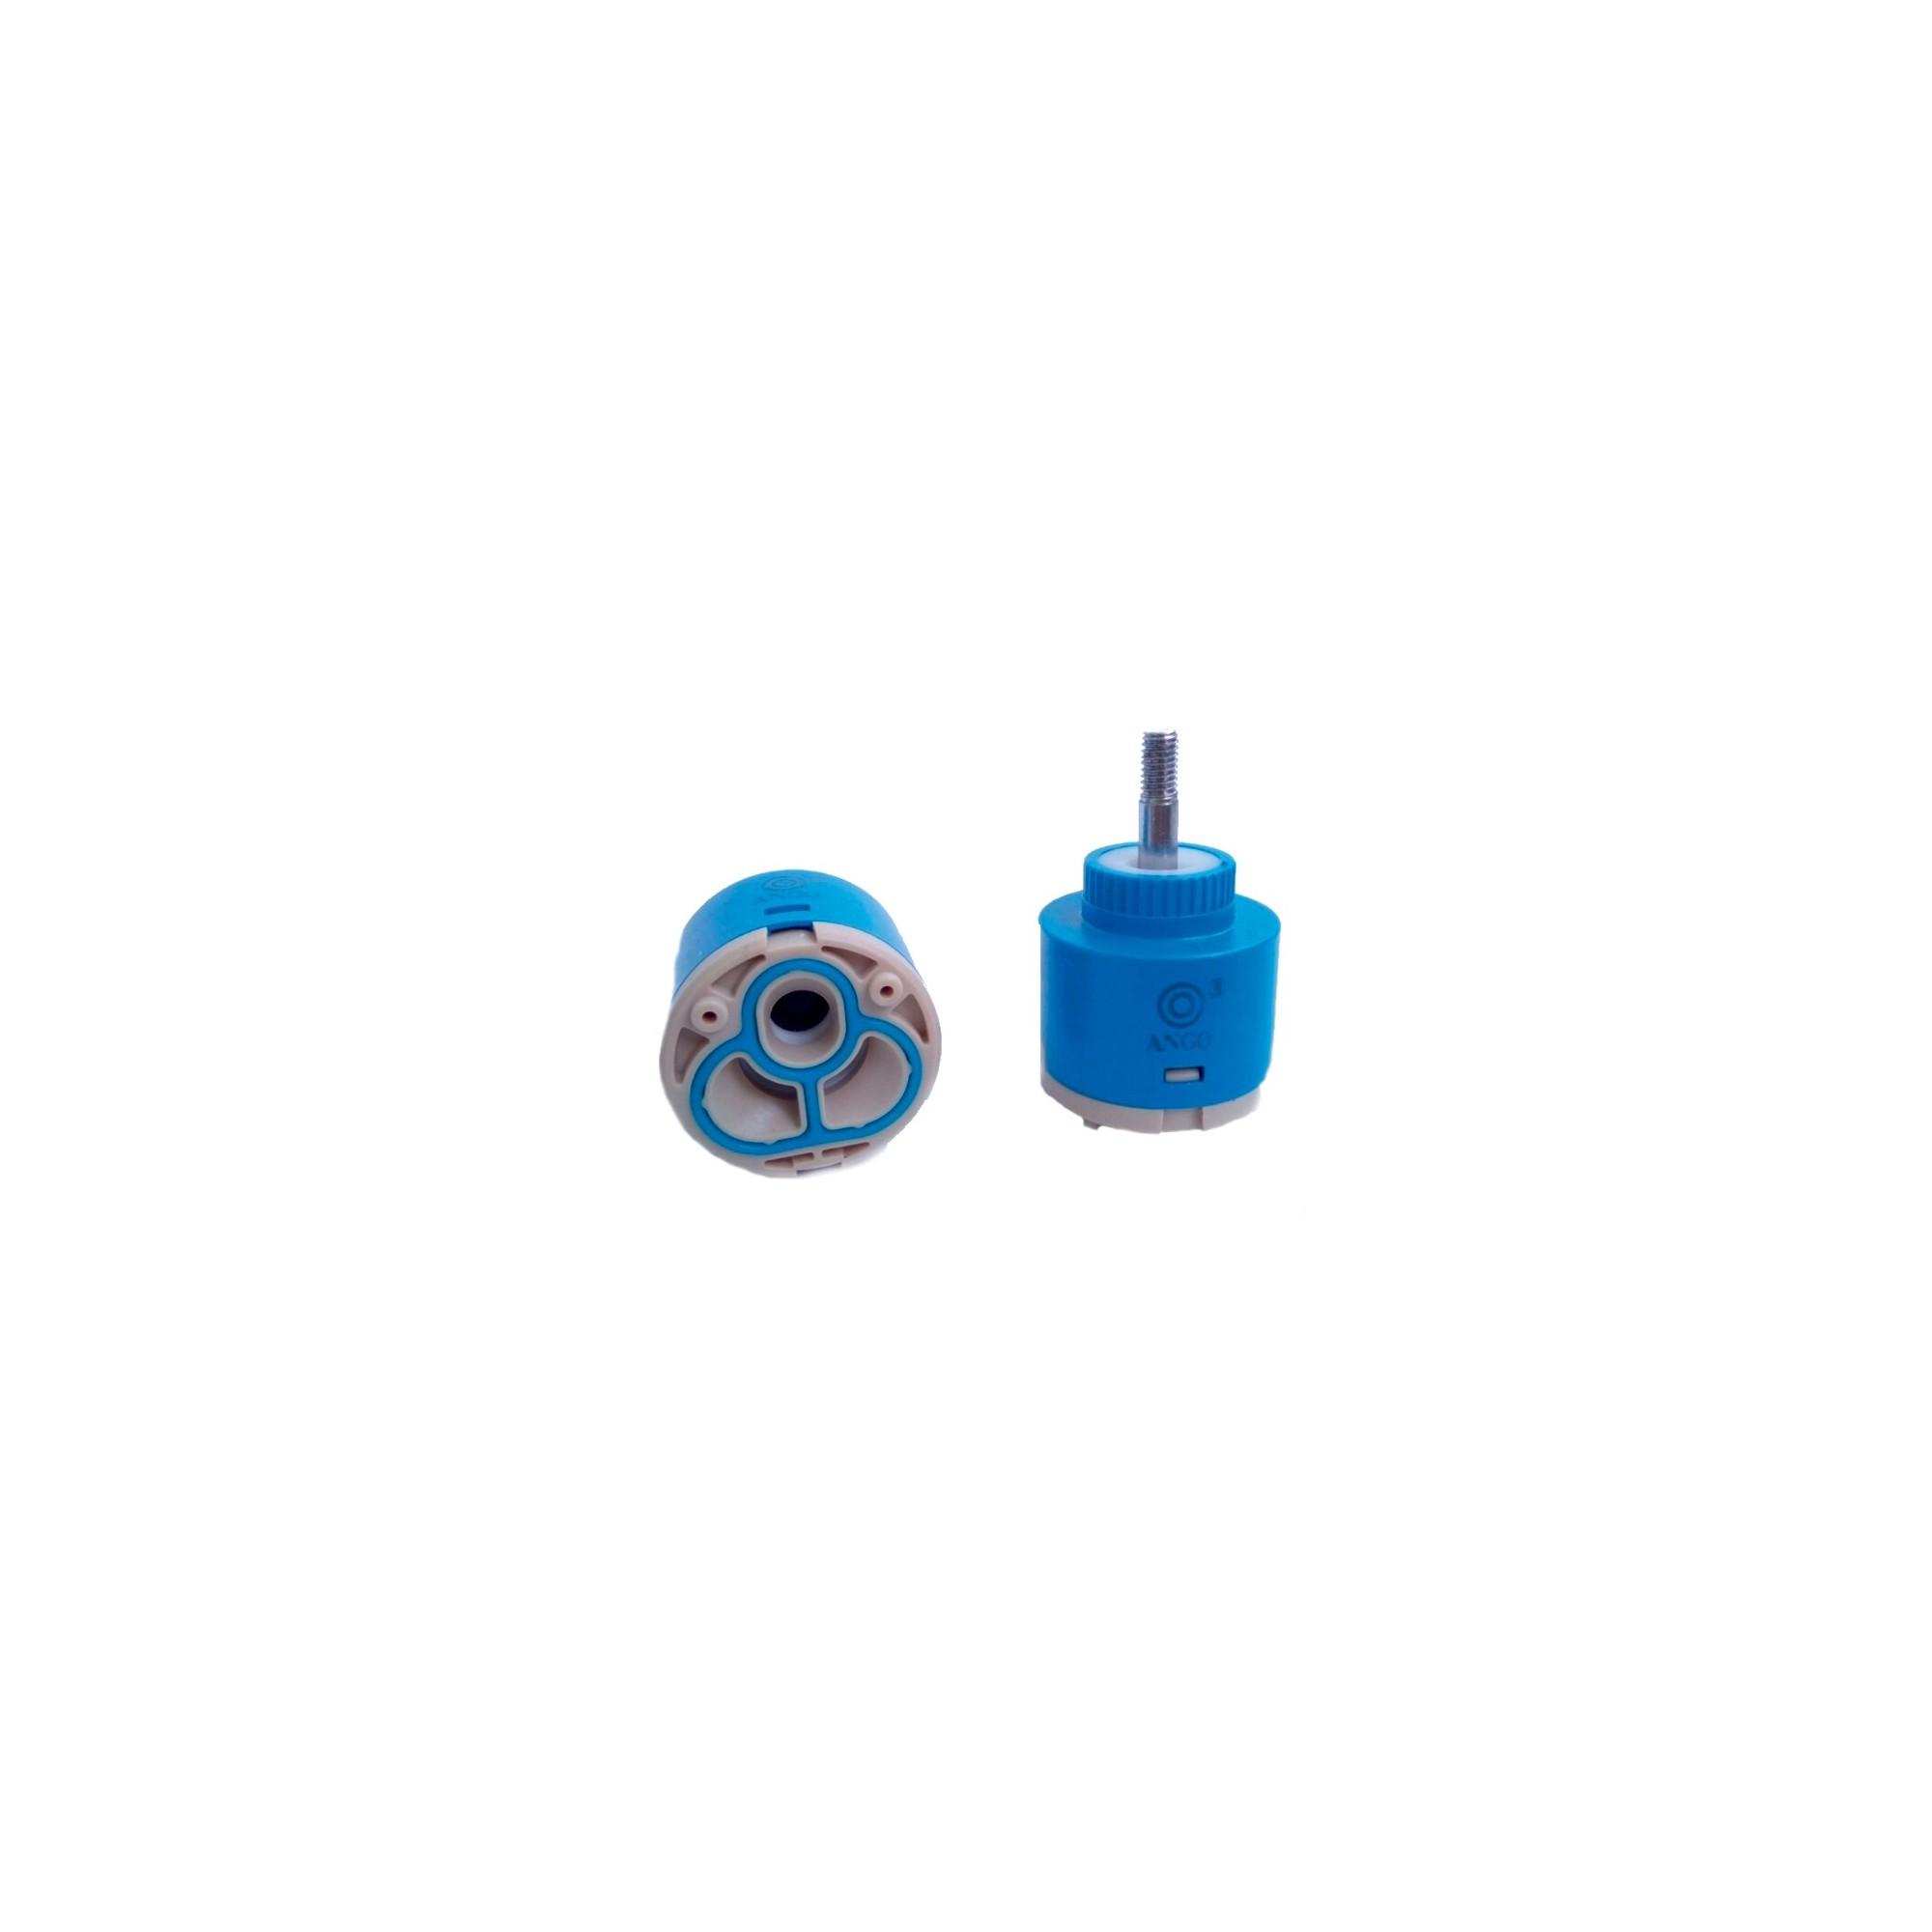 Картридж смесителя ANGO D35P-2015Y с резьбой под смеситель водопад, 35 мм ANGO - 1